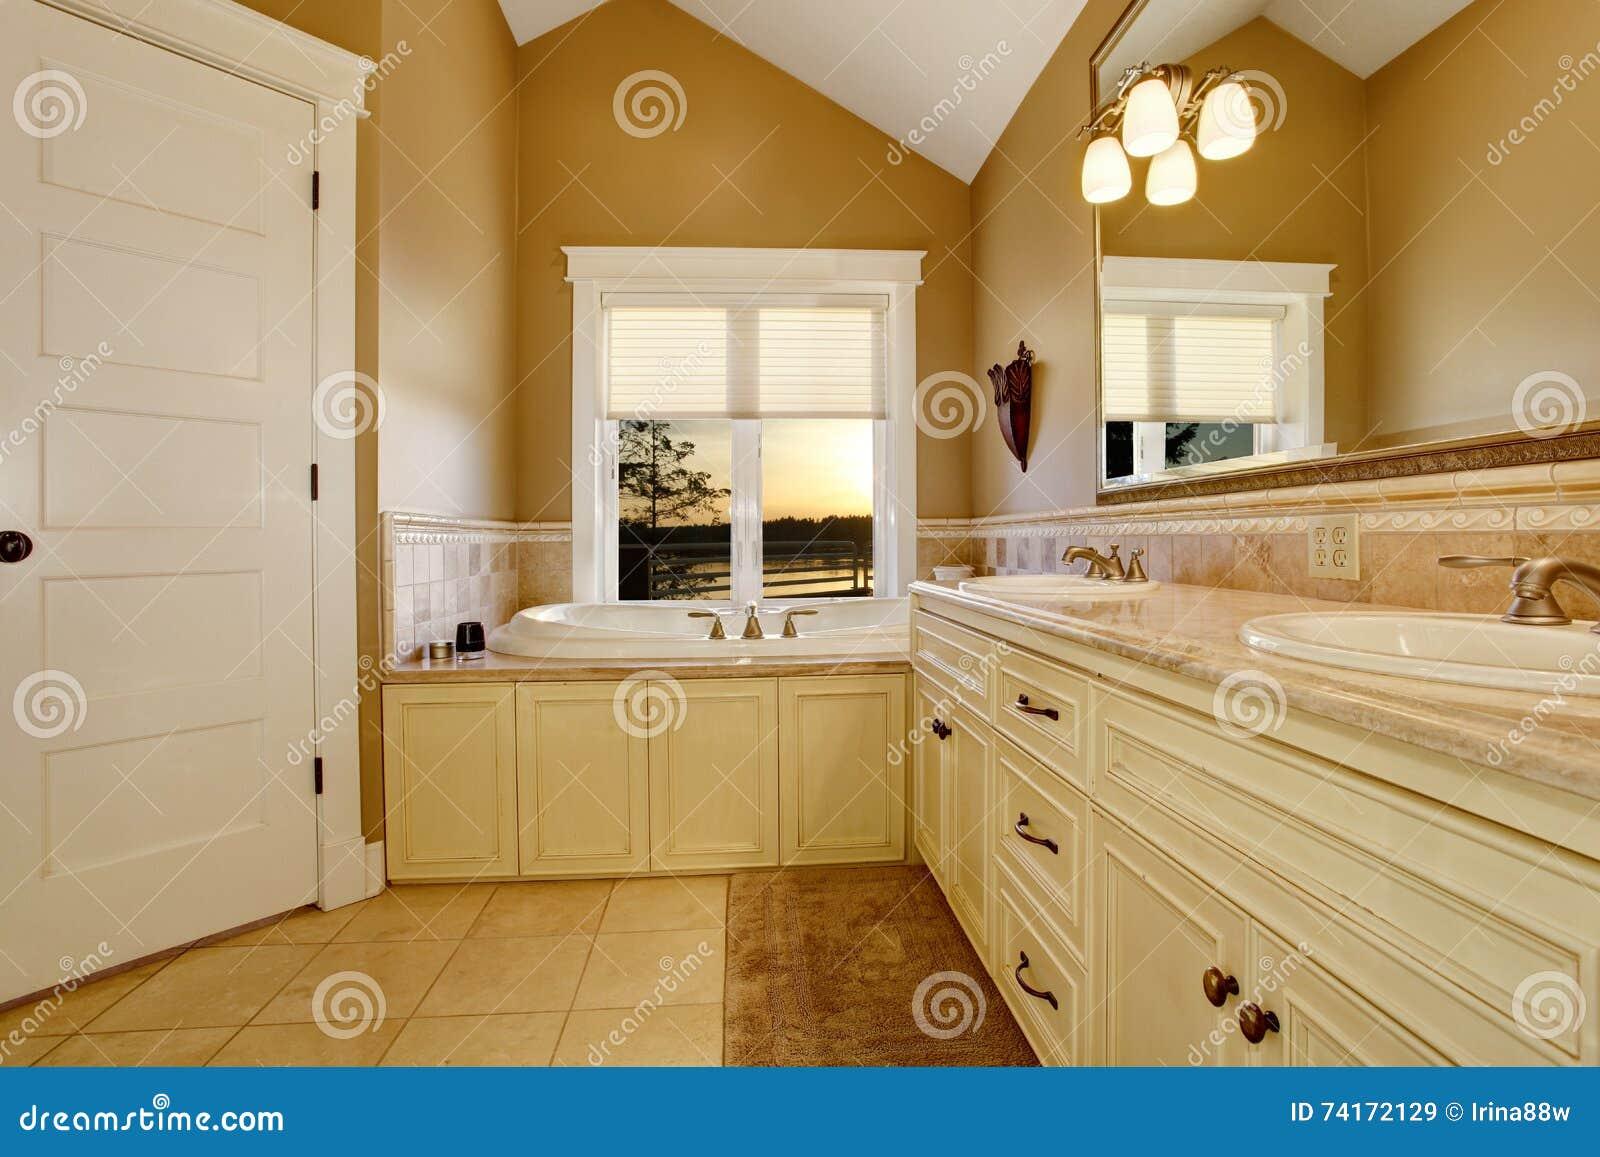 Bagni Con Piastrelle Bianchi : Interno accogliente del bagno con i vecchi gabinetti bianchi la